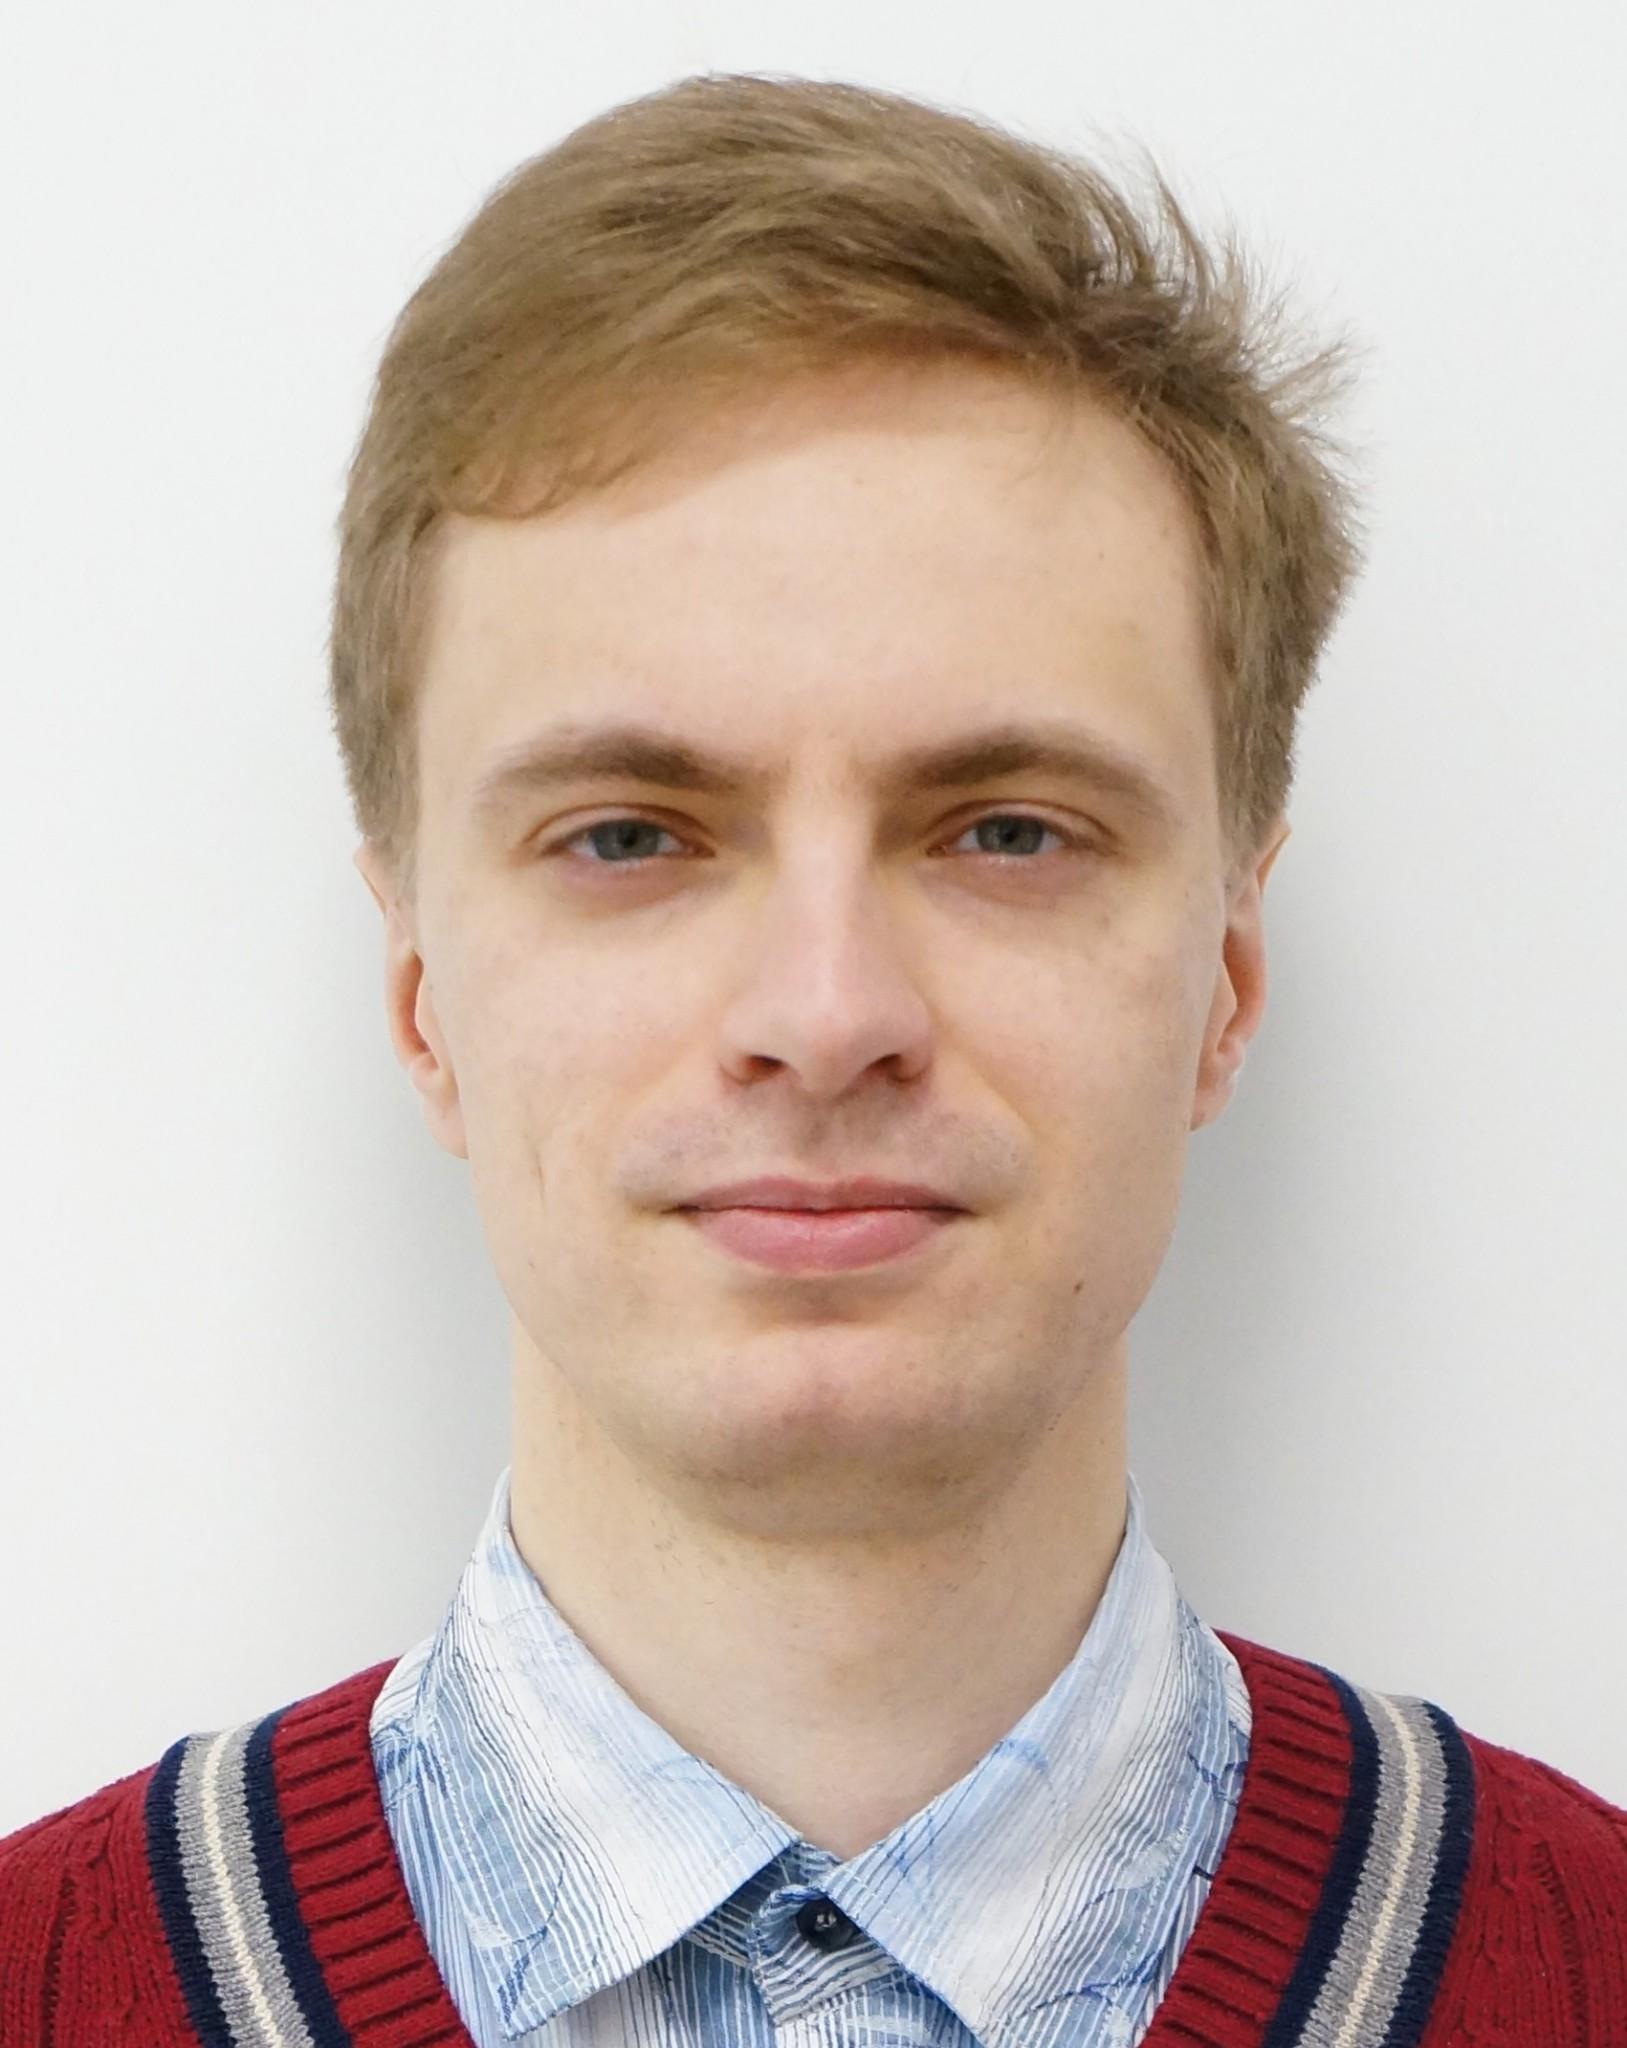 vladislavkondrashov